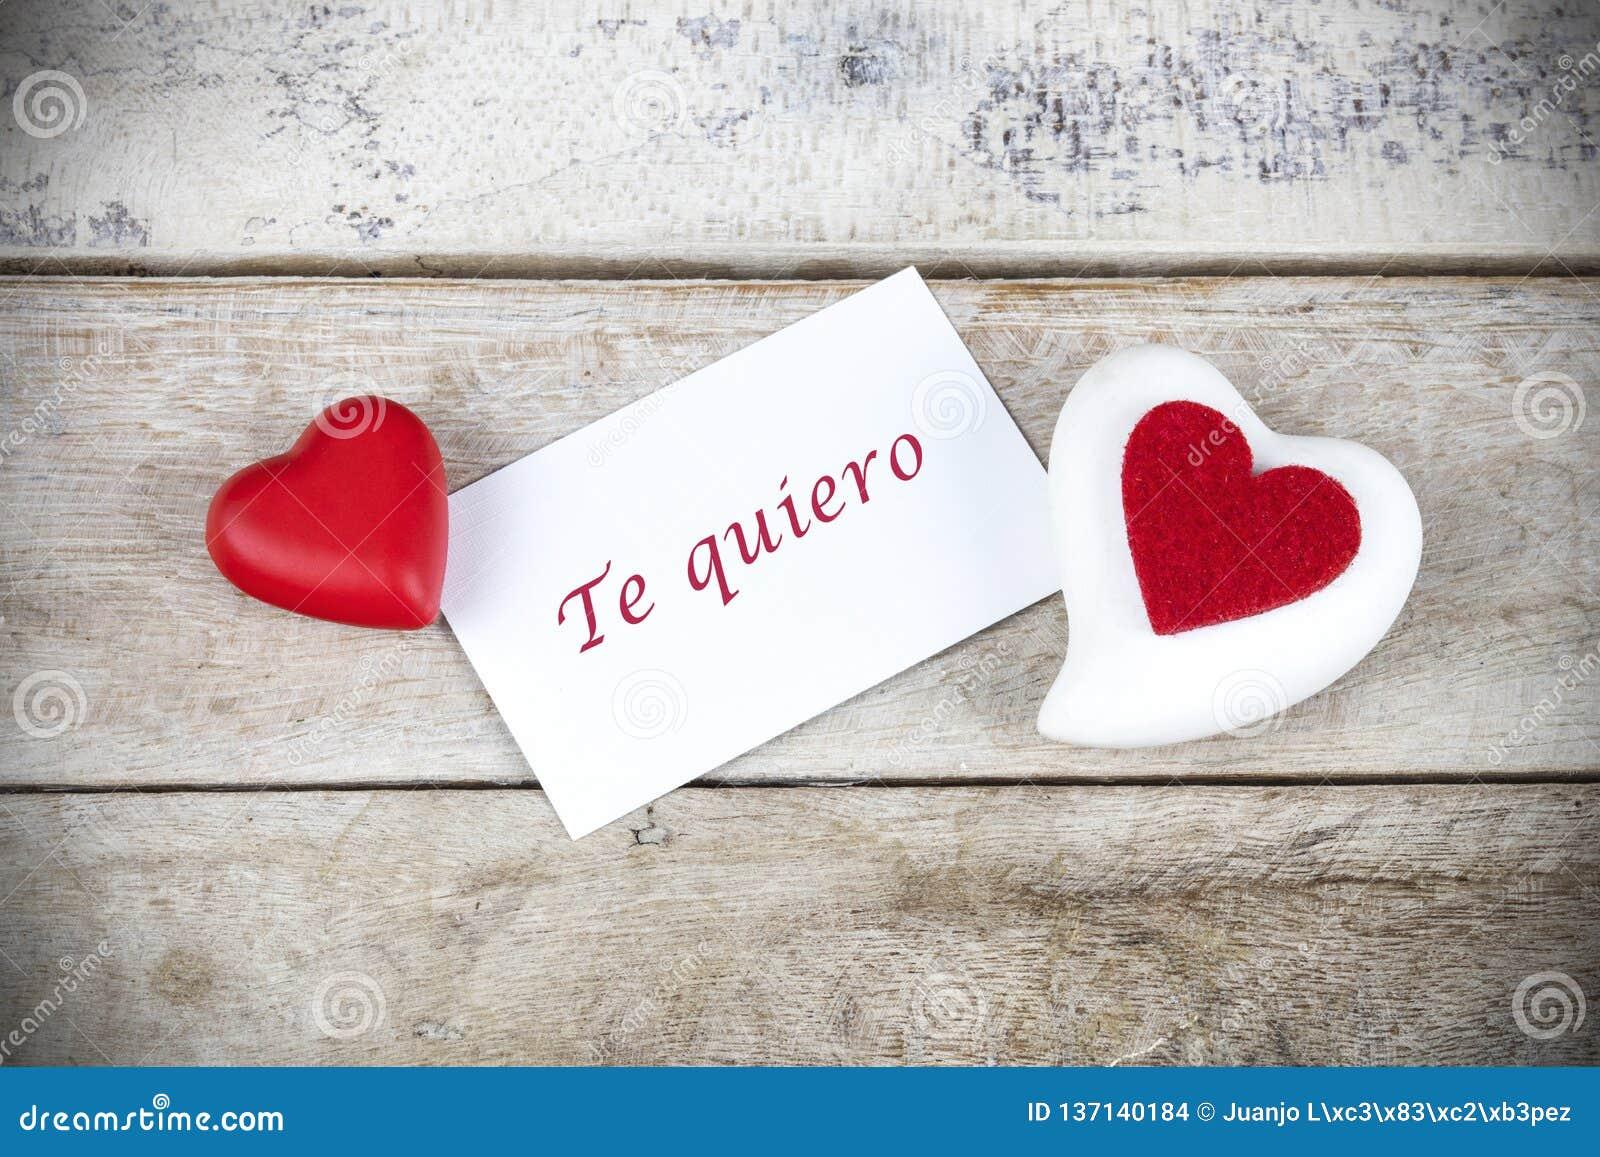 Поздравительная открытка Валентайн на деревянном столе с текстом написанным в испанском quiero Te, которое значит я тебя люблю